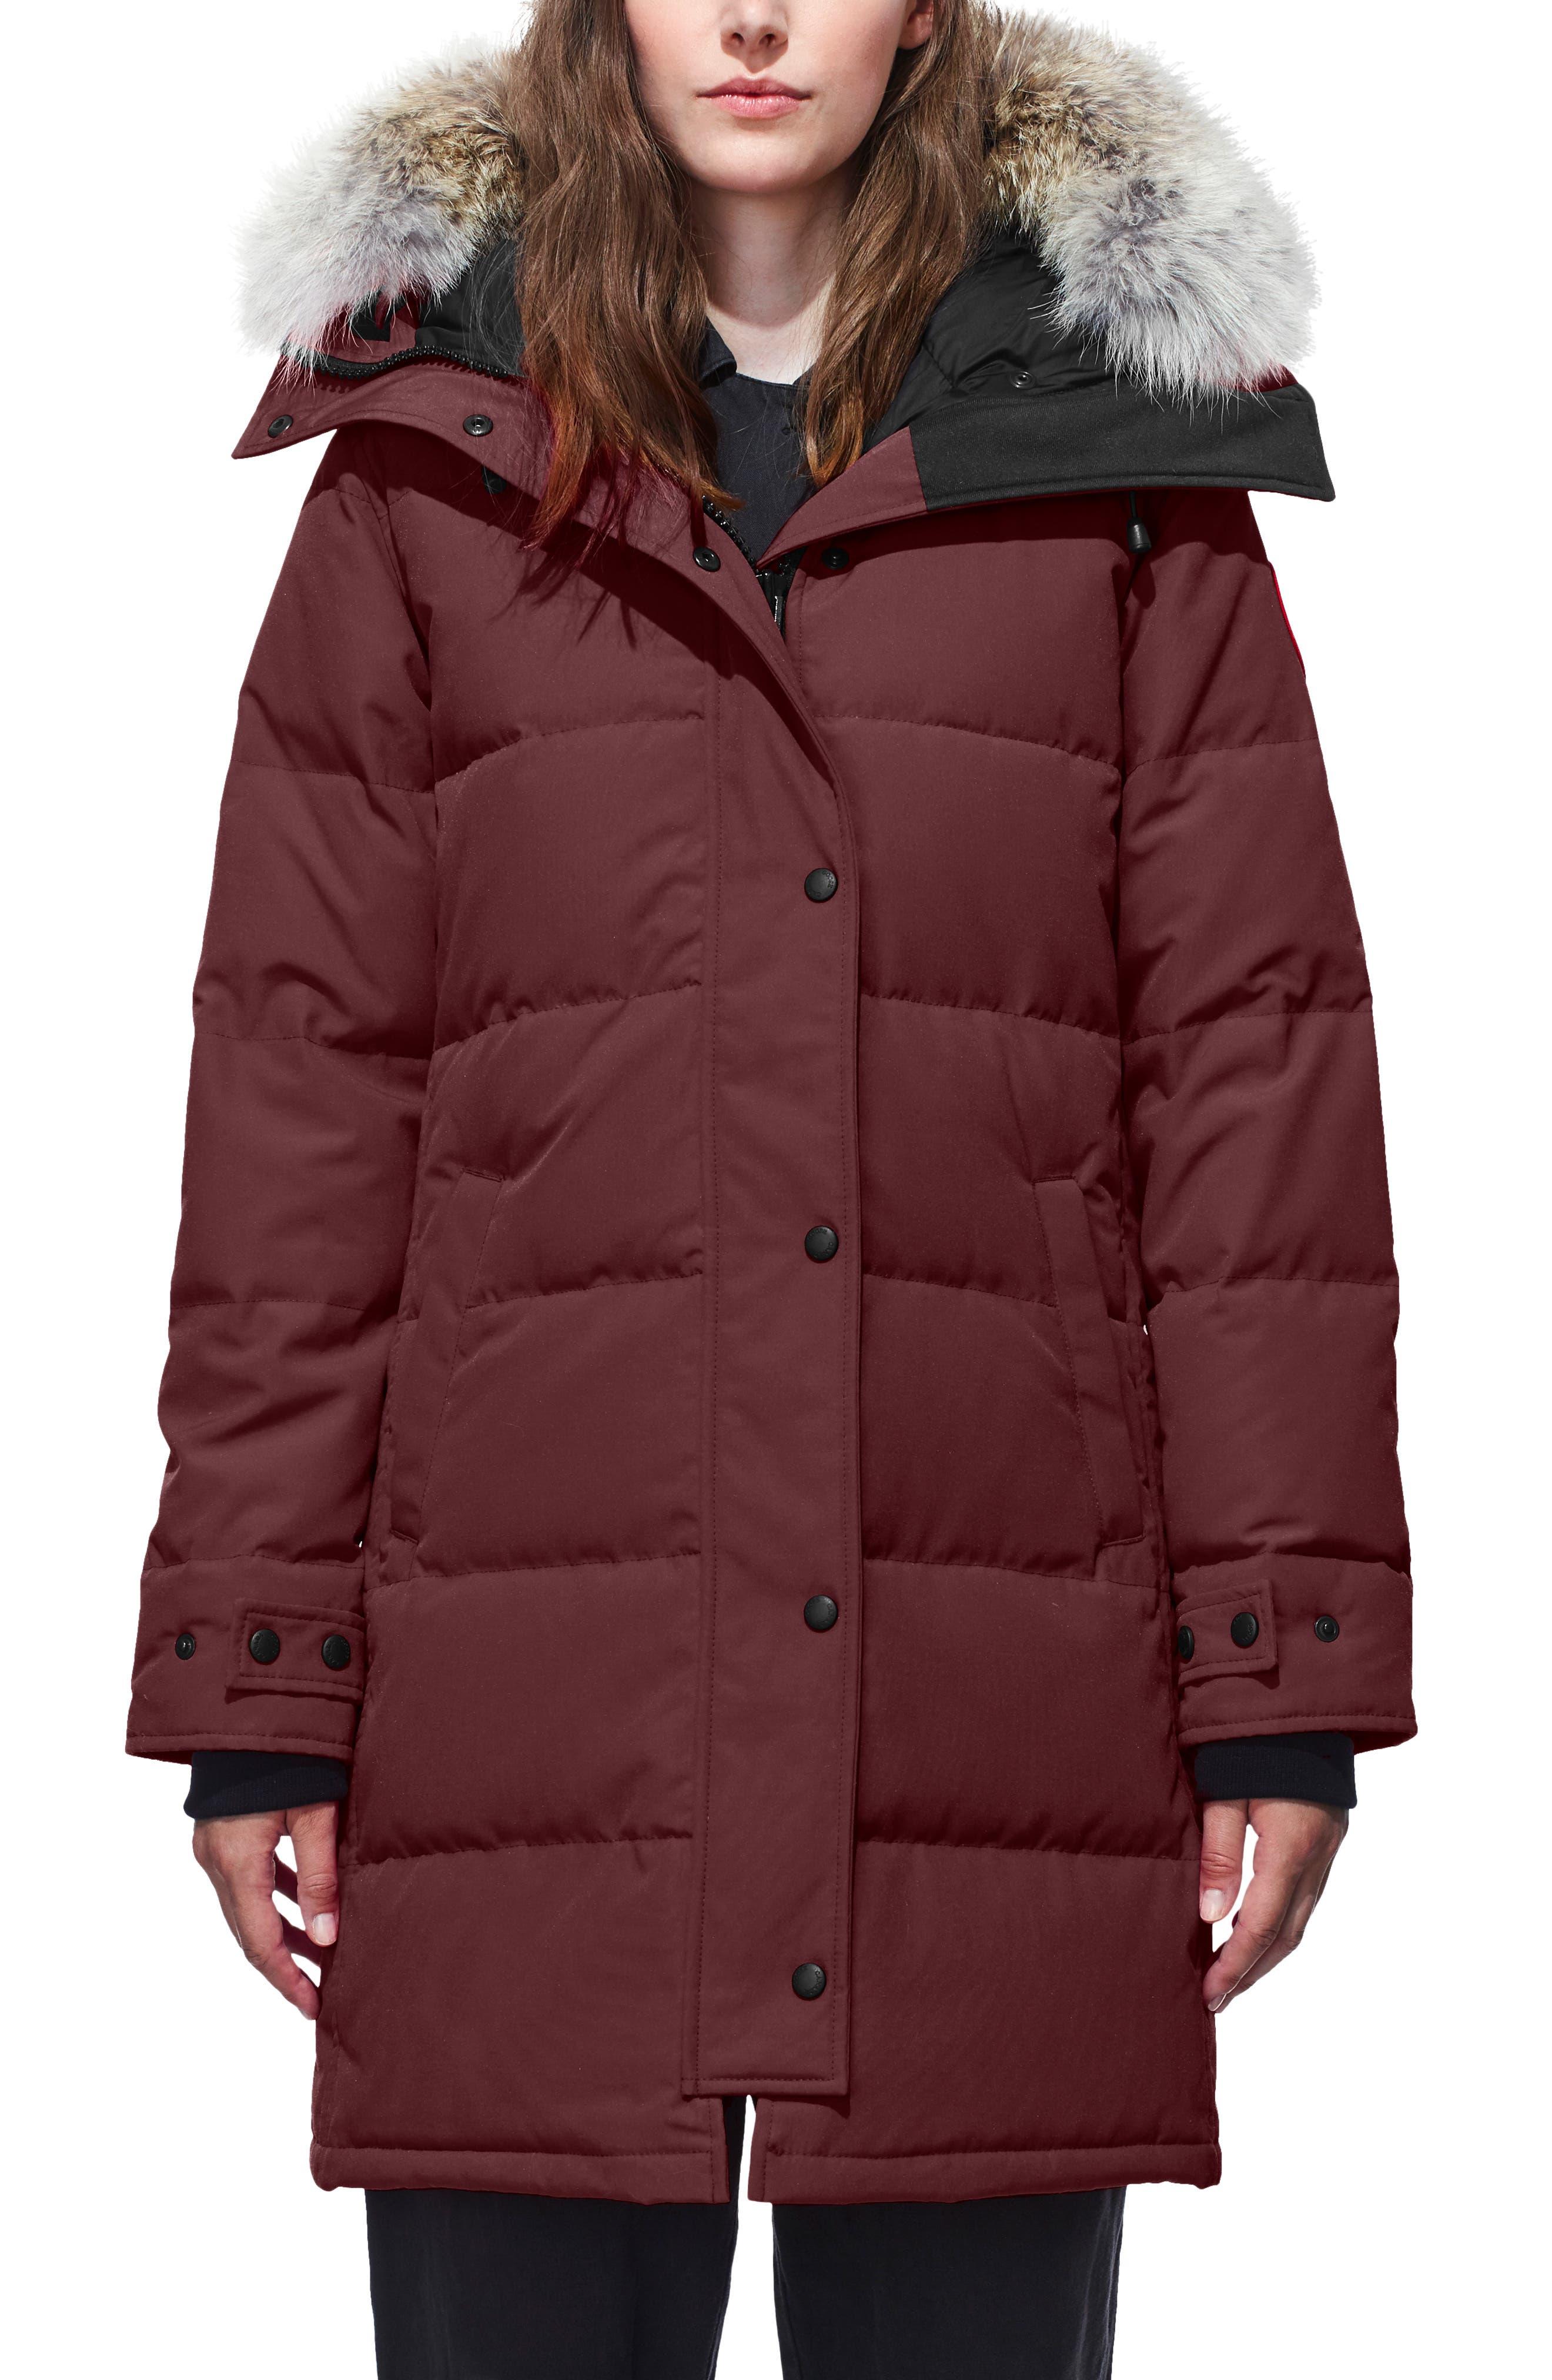 Kids' PBI Chilliwack Hooded Fur Trim Parka Royal Blue Size XS XL